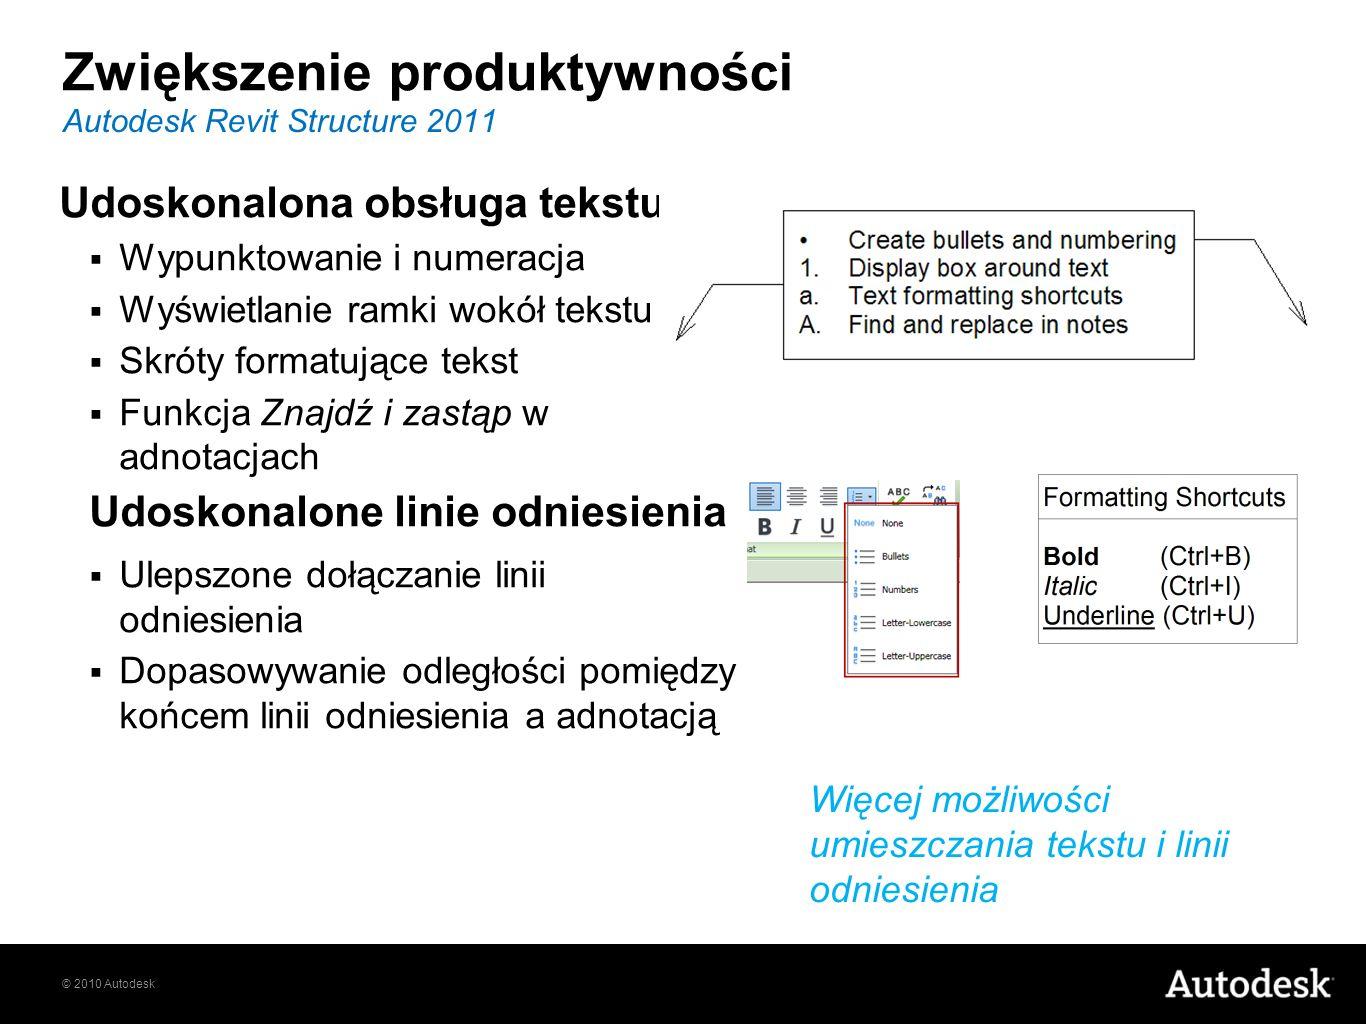 © 2010 Autodesk Autodesk Revit Structure 2011 Udoskonalona obsługa tekstu Wypunktowanie i numeracja Wyświetlanie ramki wokół tekstu Skróty formatujące